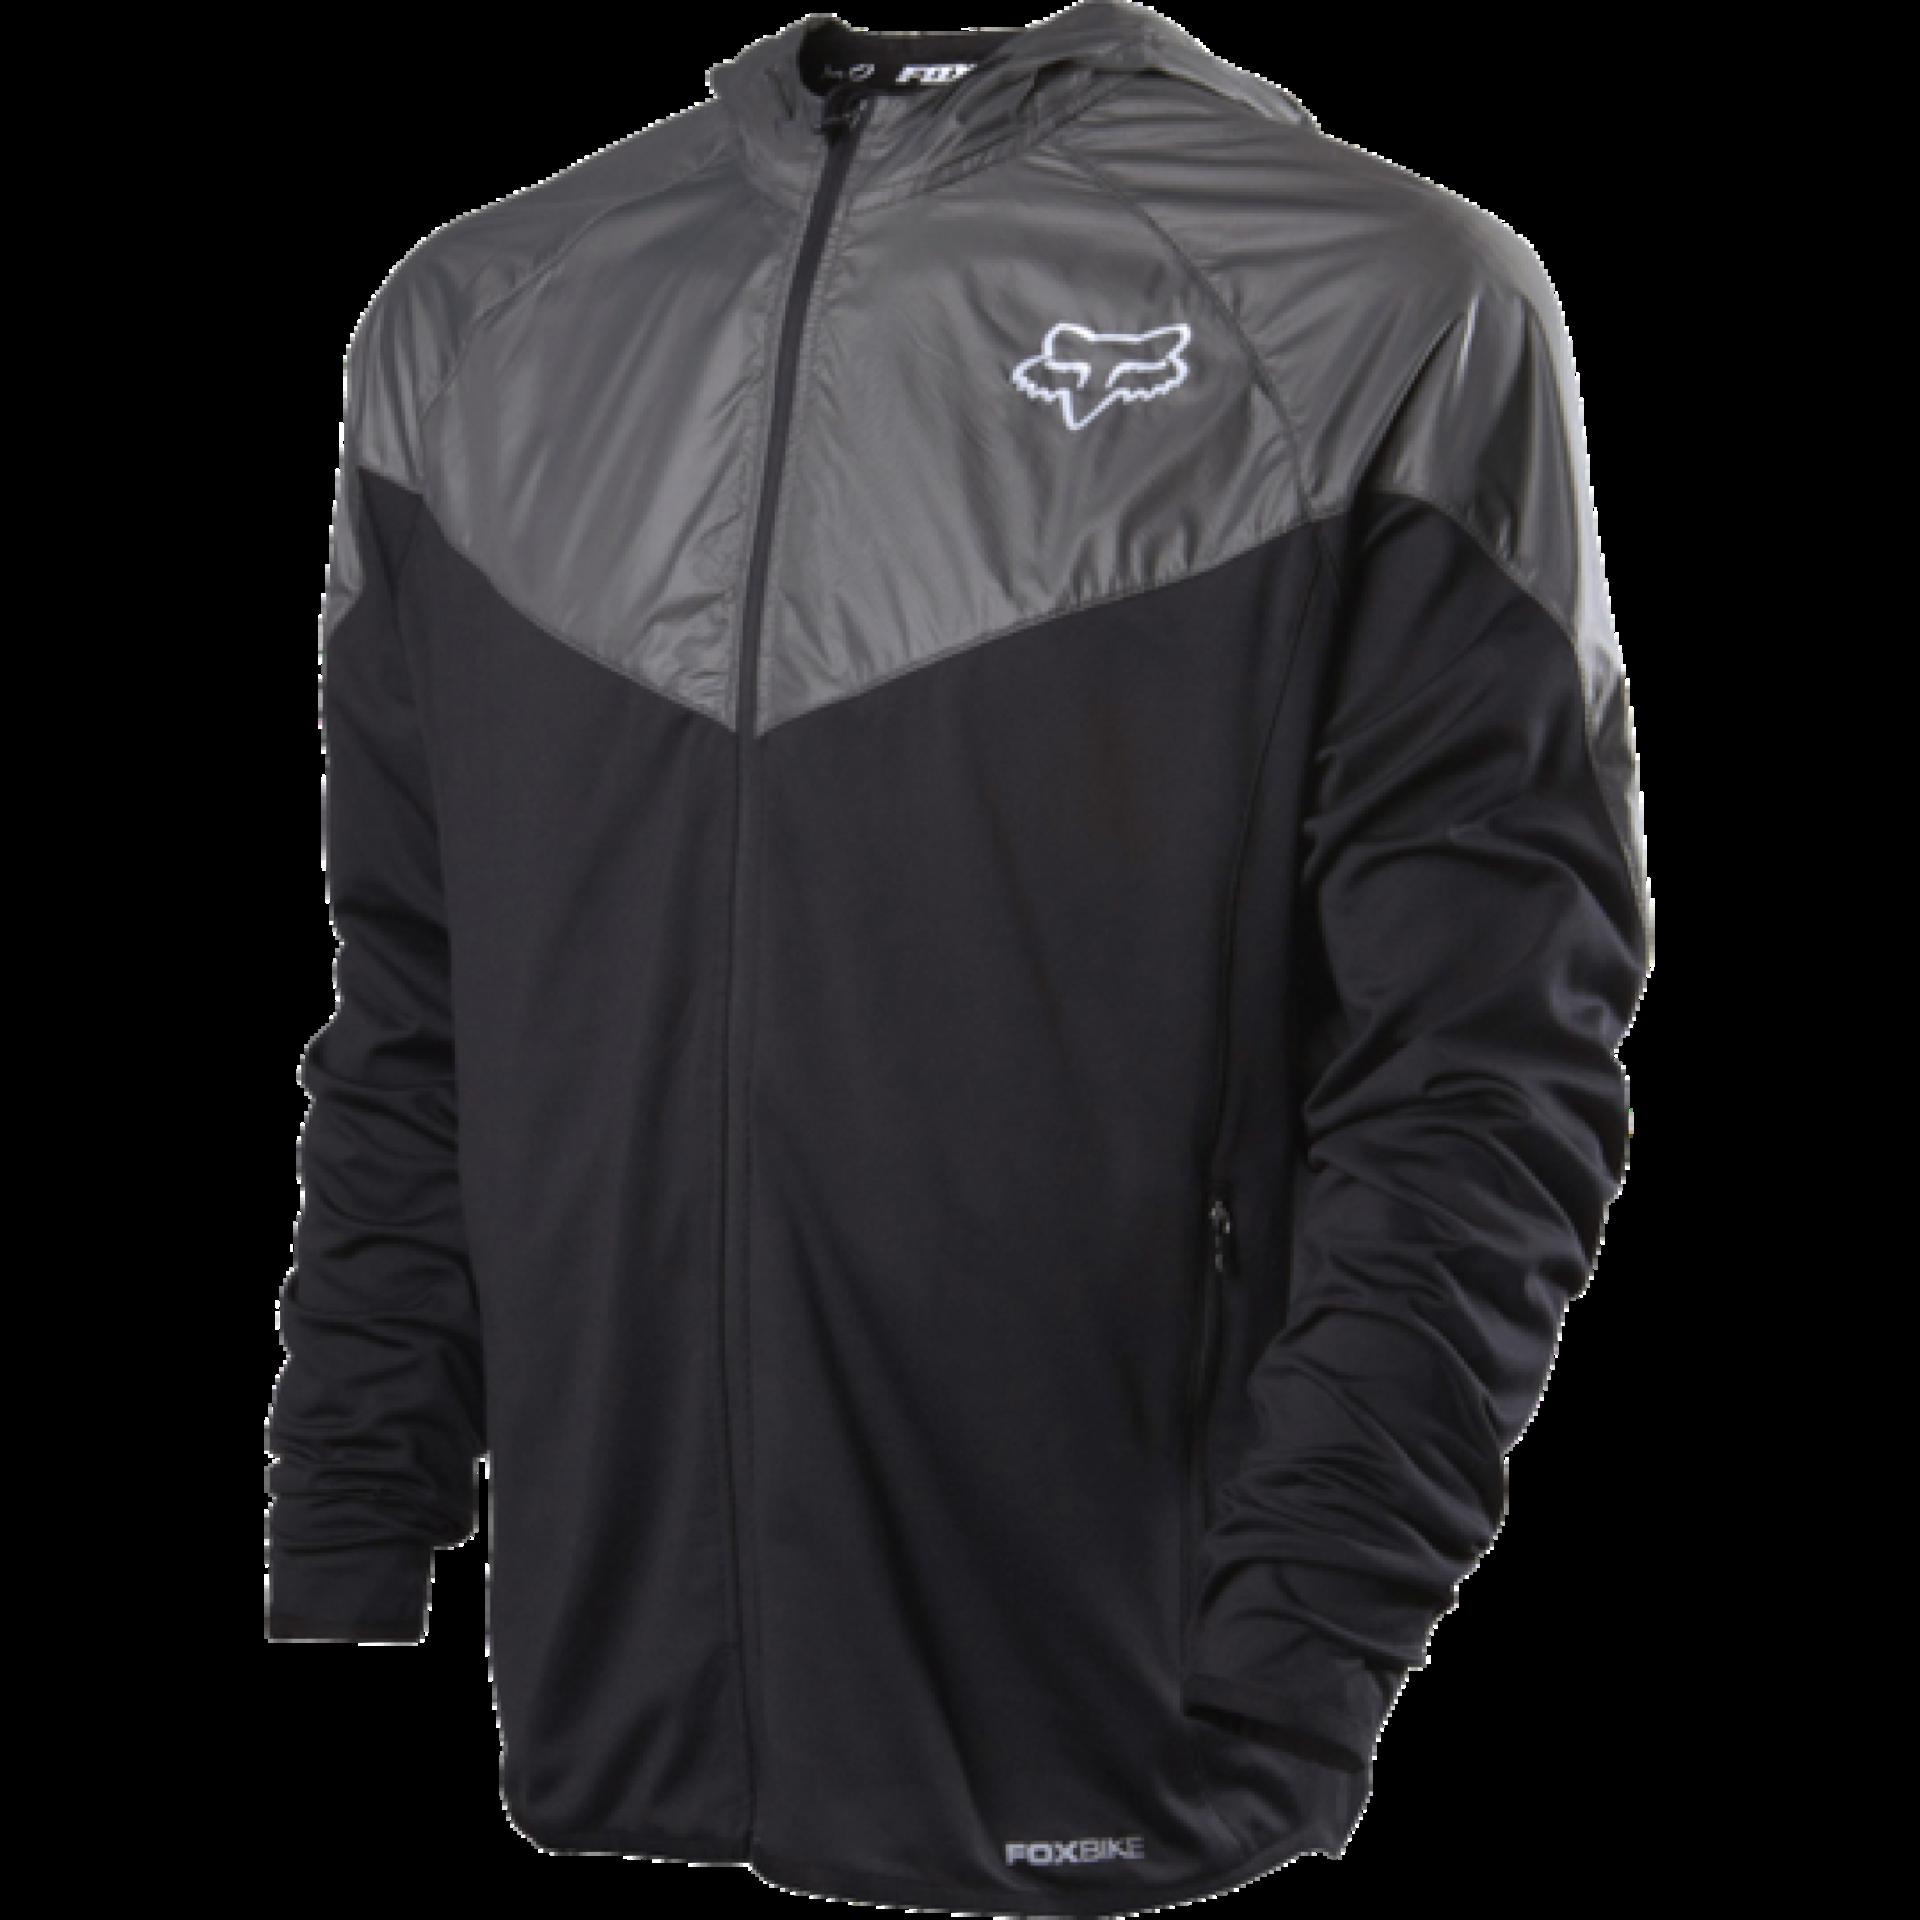 Kurtka rowerowa Foxhead Diffuse Jacket czarna przód